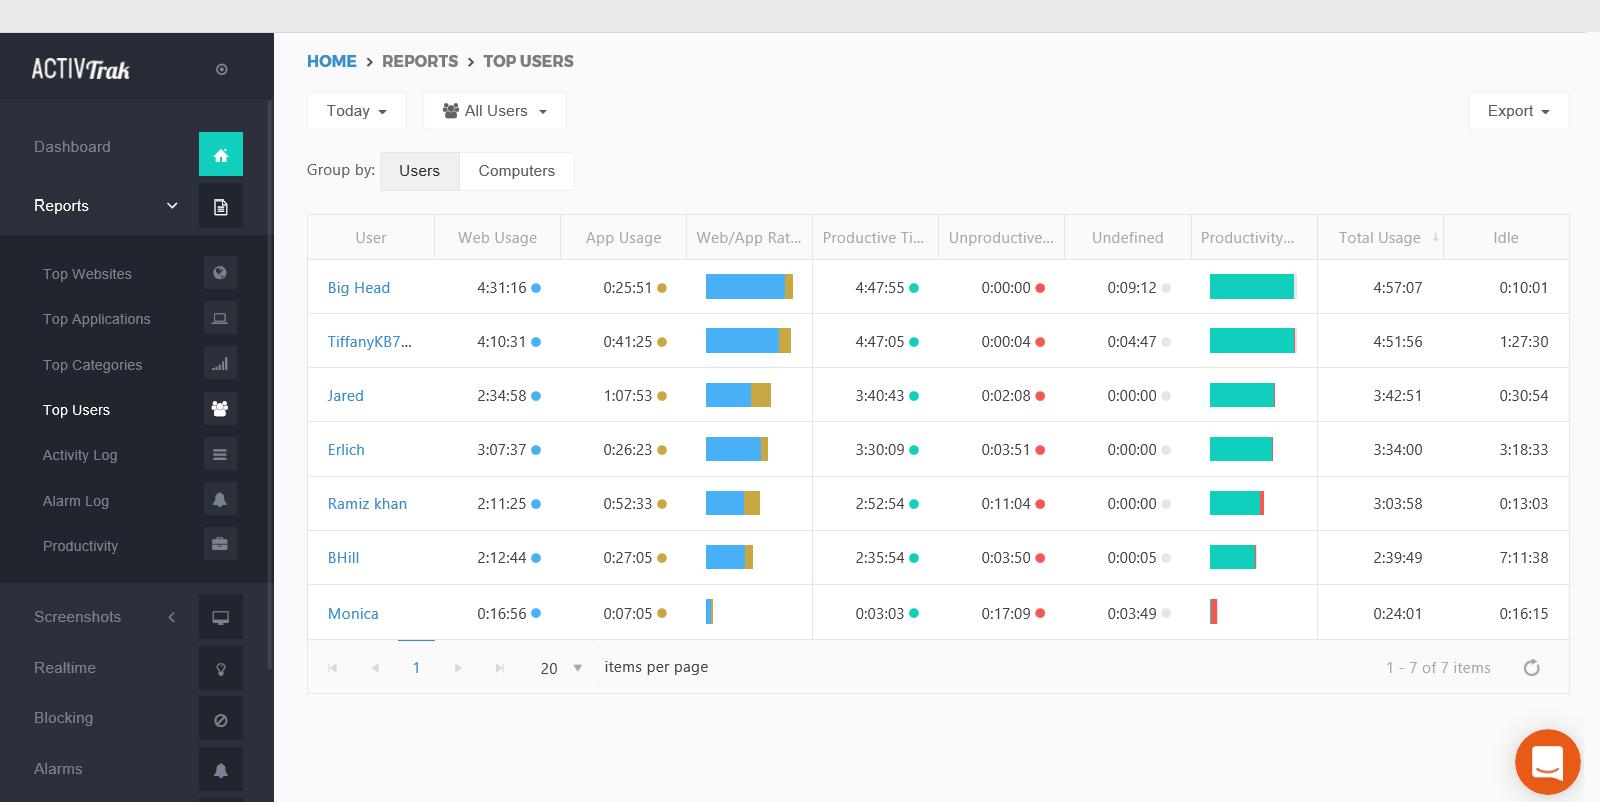 ActivTrak Demo - Top Users Report